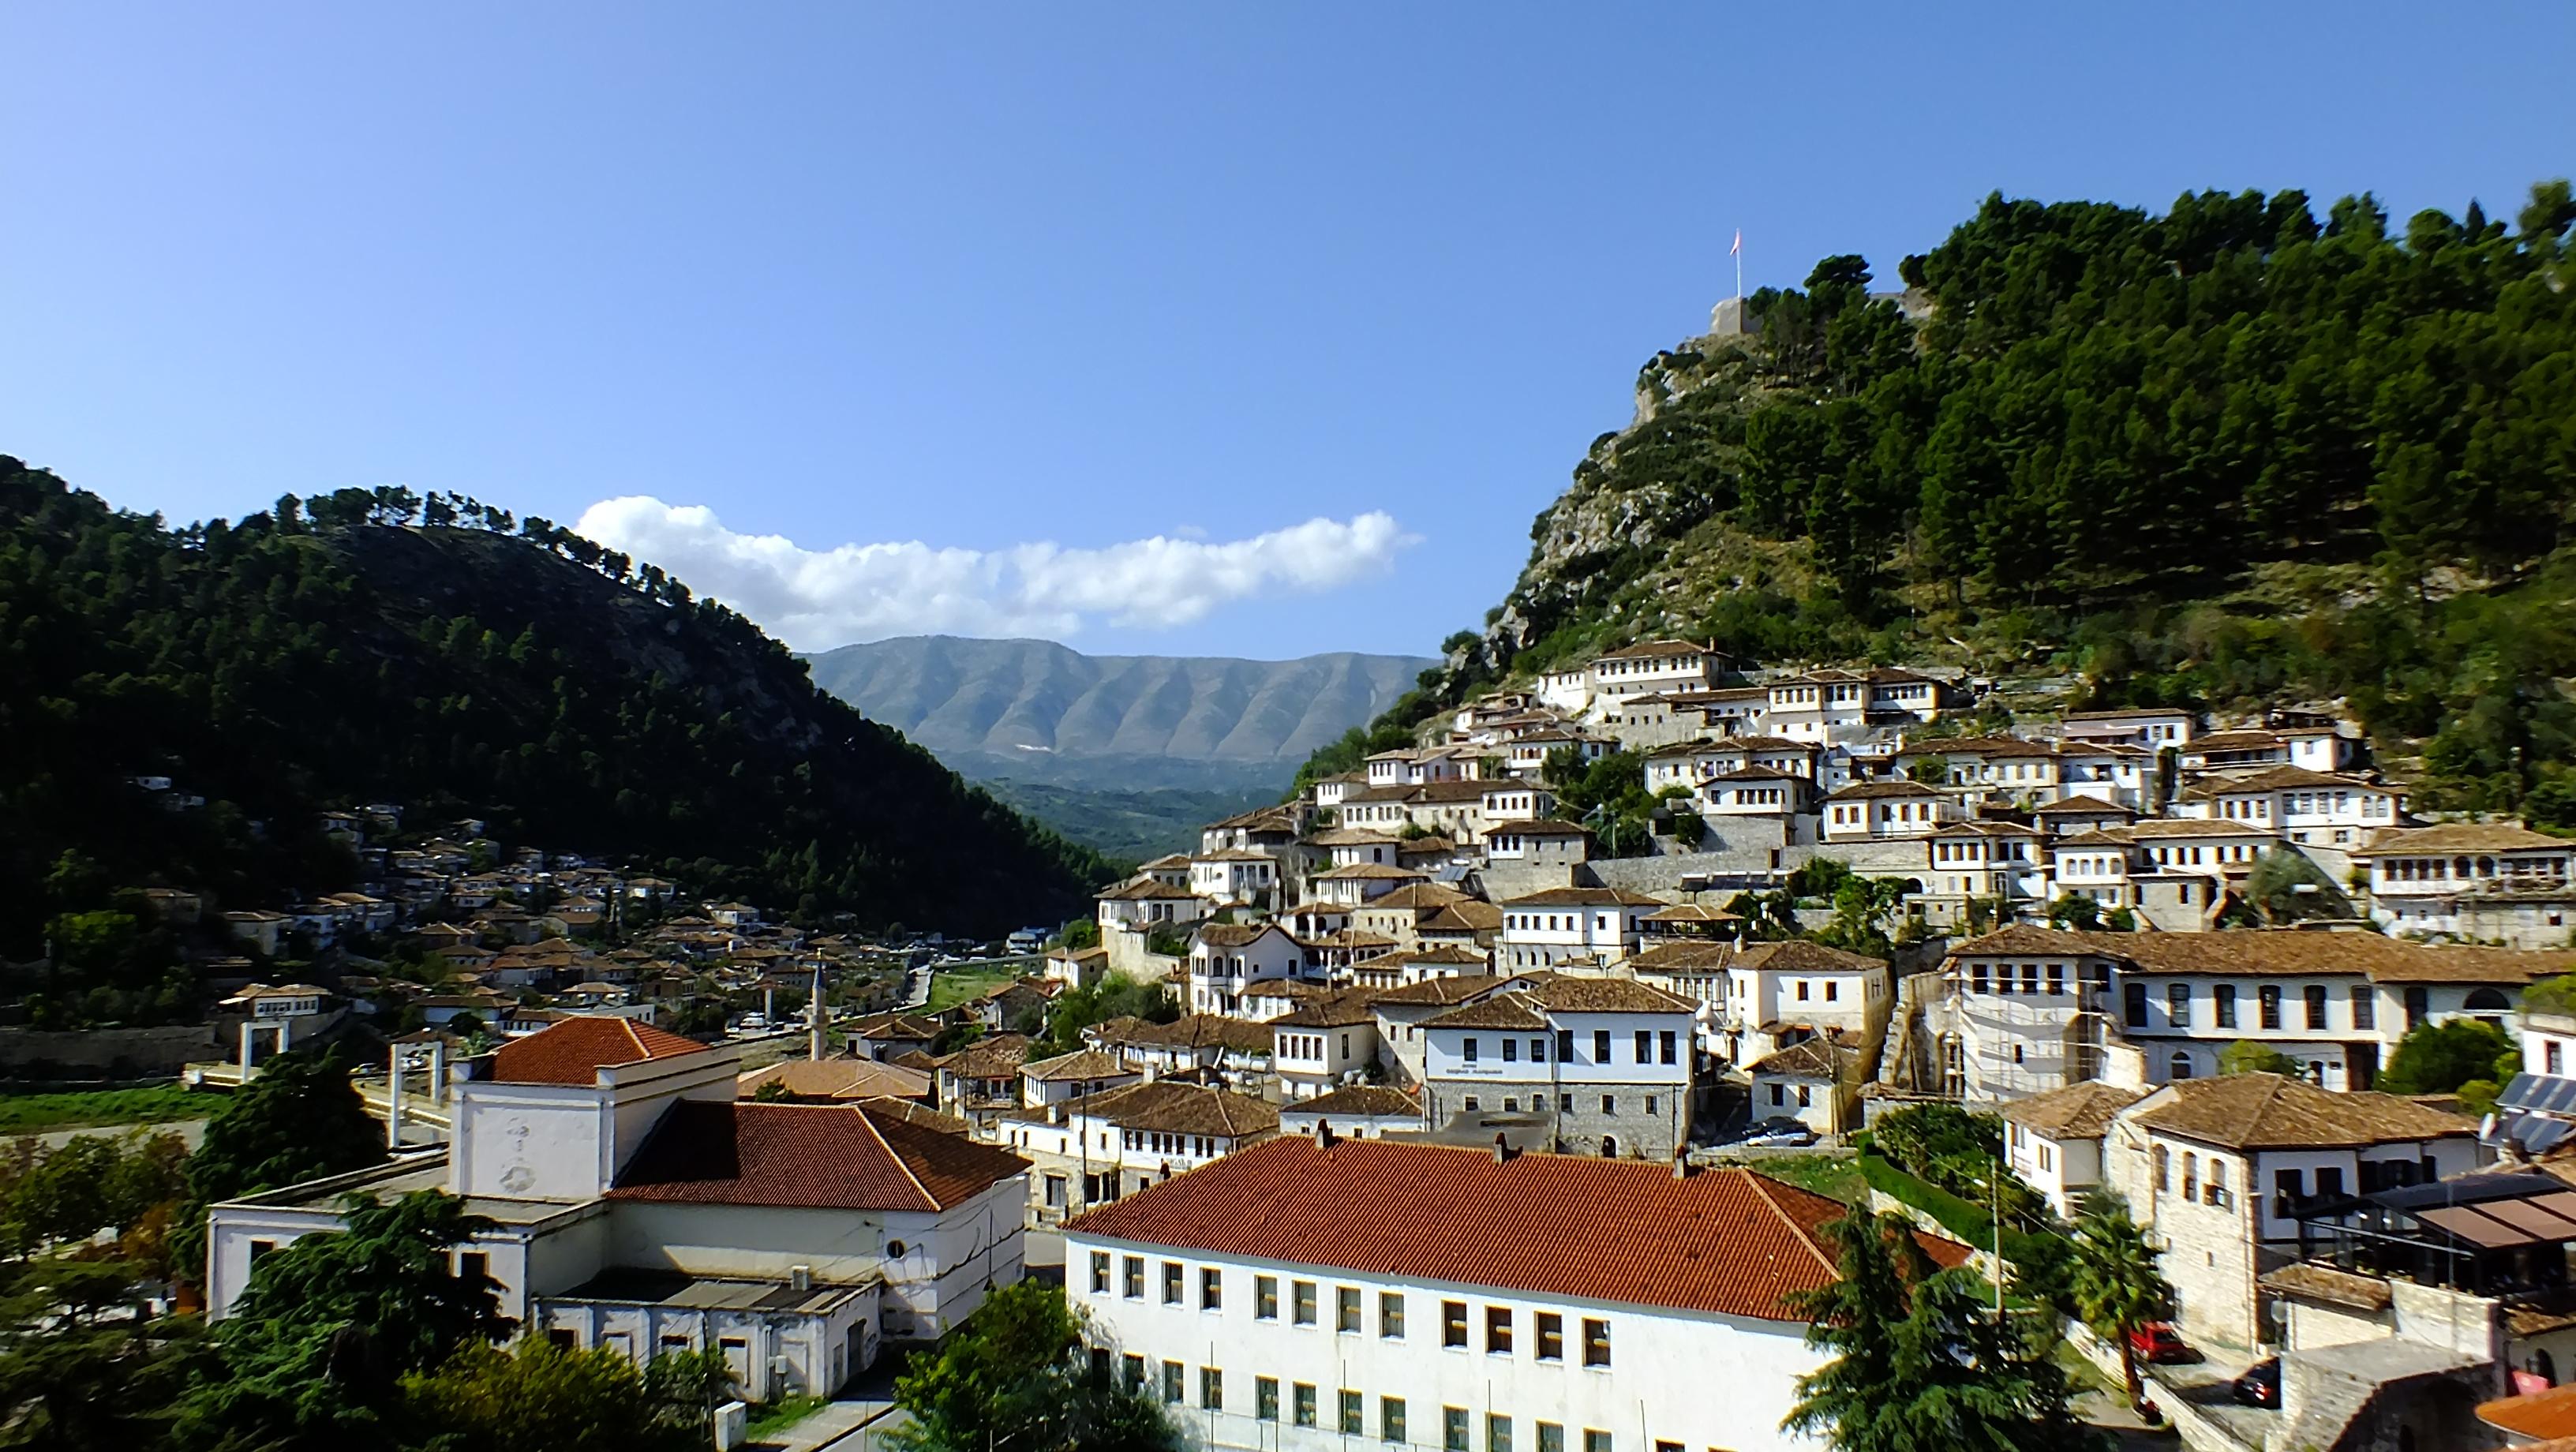 The old town of Berat 2019 - Kota yang Wajib Dikunjungi Saat Berlibur ke Albania